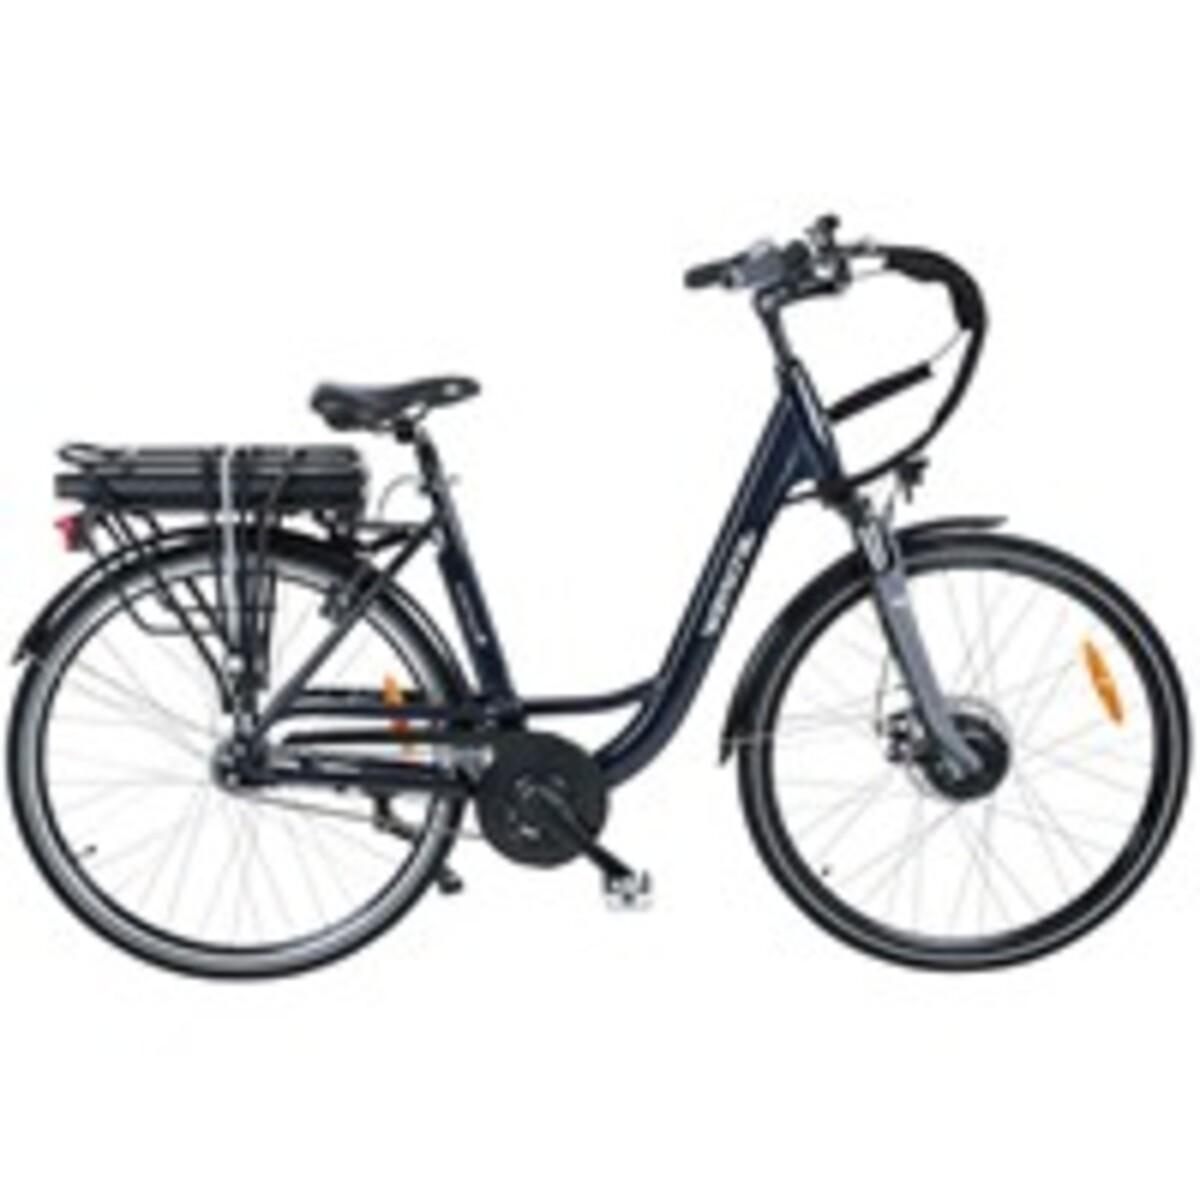 Bild 1 von Wayscral E-Bike City 528 Start, 28 Zoll Pedelec, elektrisch unterstütztes Cityrad in Dunkelblau, bis zu 45 km Reichweite